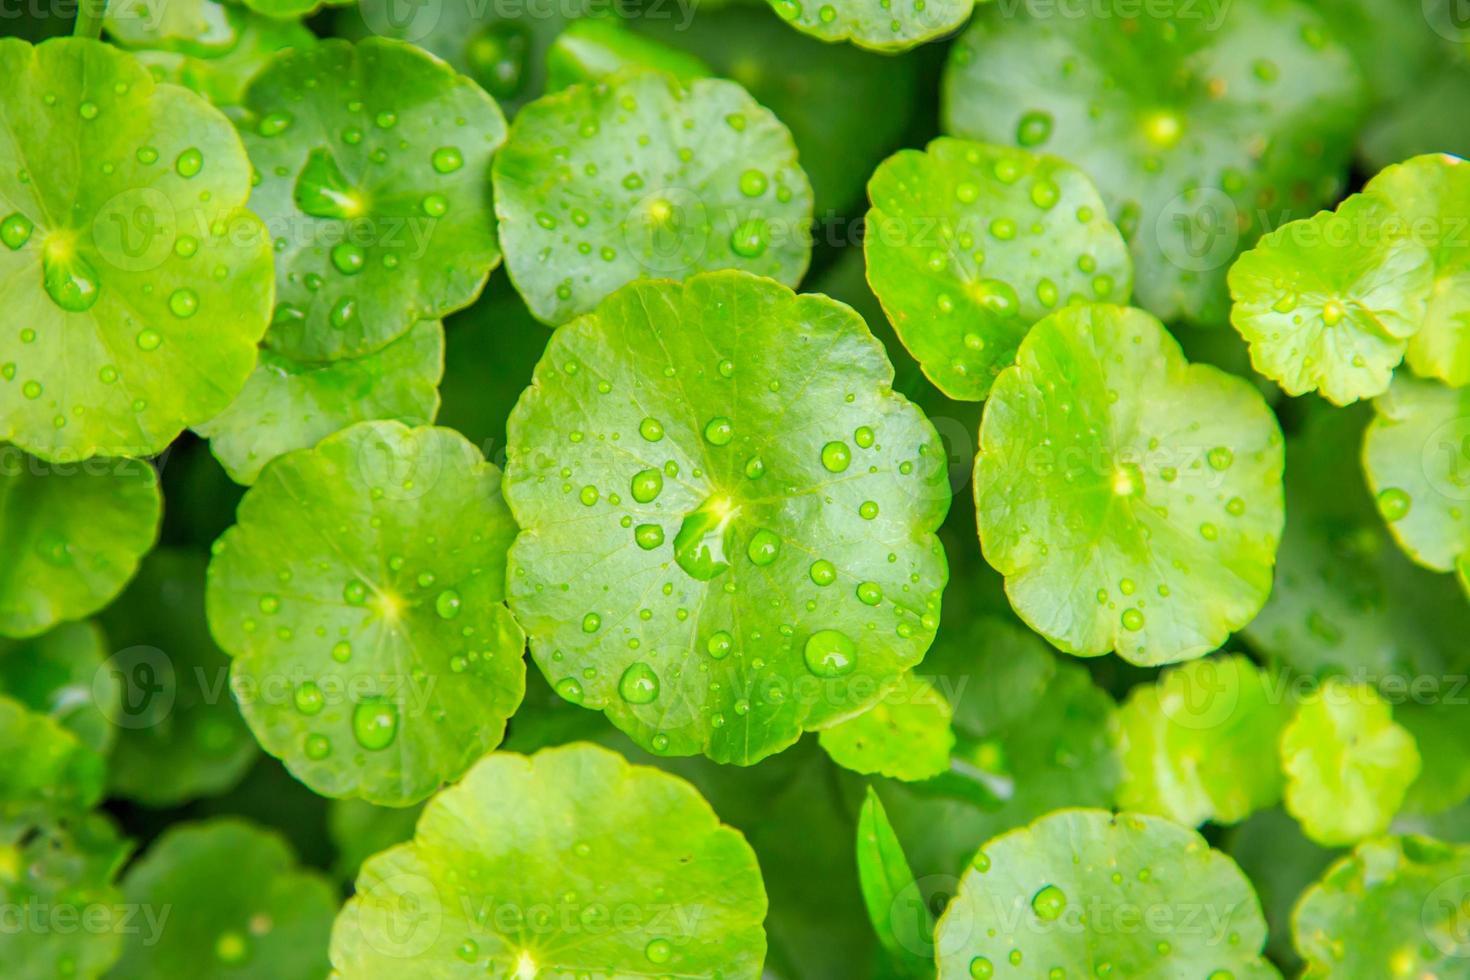 grüne Penny Würze Pflanze nah oben für natürlichen Hintergrund foto